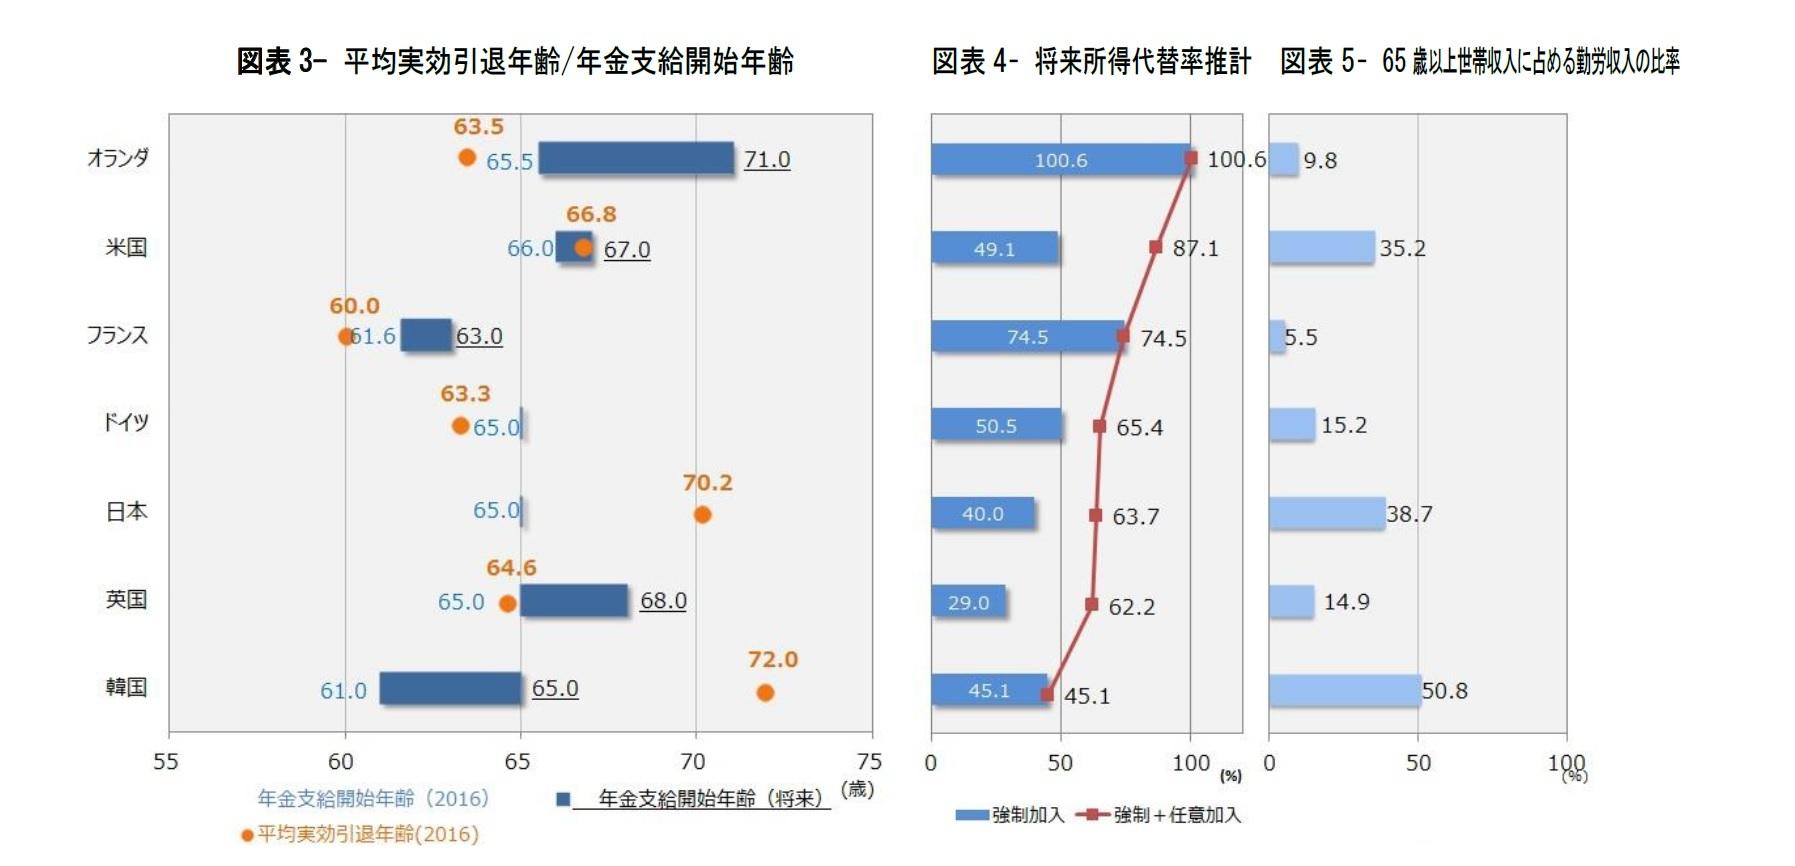 図表3- 平均実効引退年齢/年金支給開始年齢/図表4– 将来所得代替率推計/図表5– 65 歳以上世帯収入に占める勤労収入比率